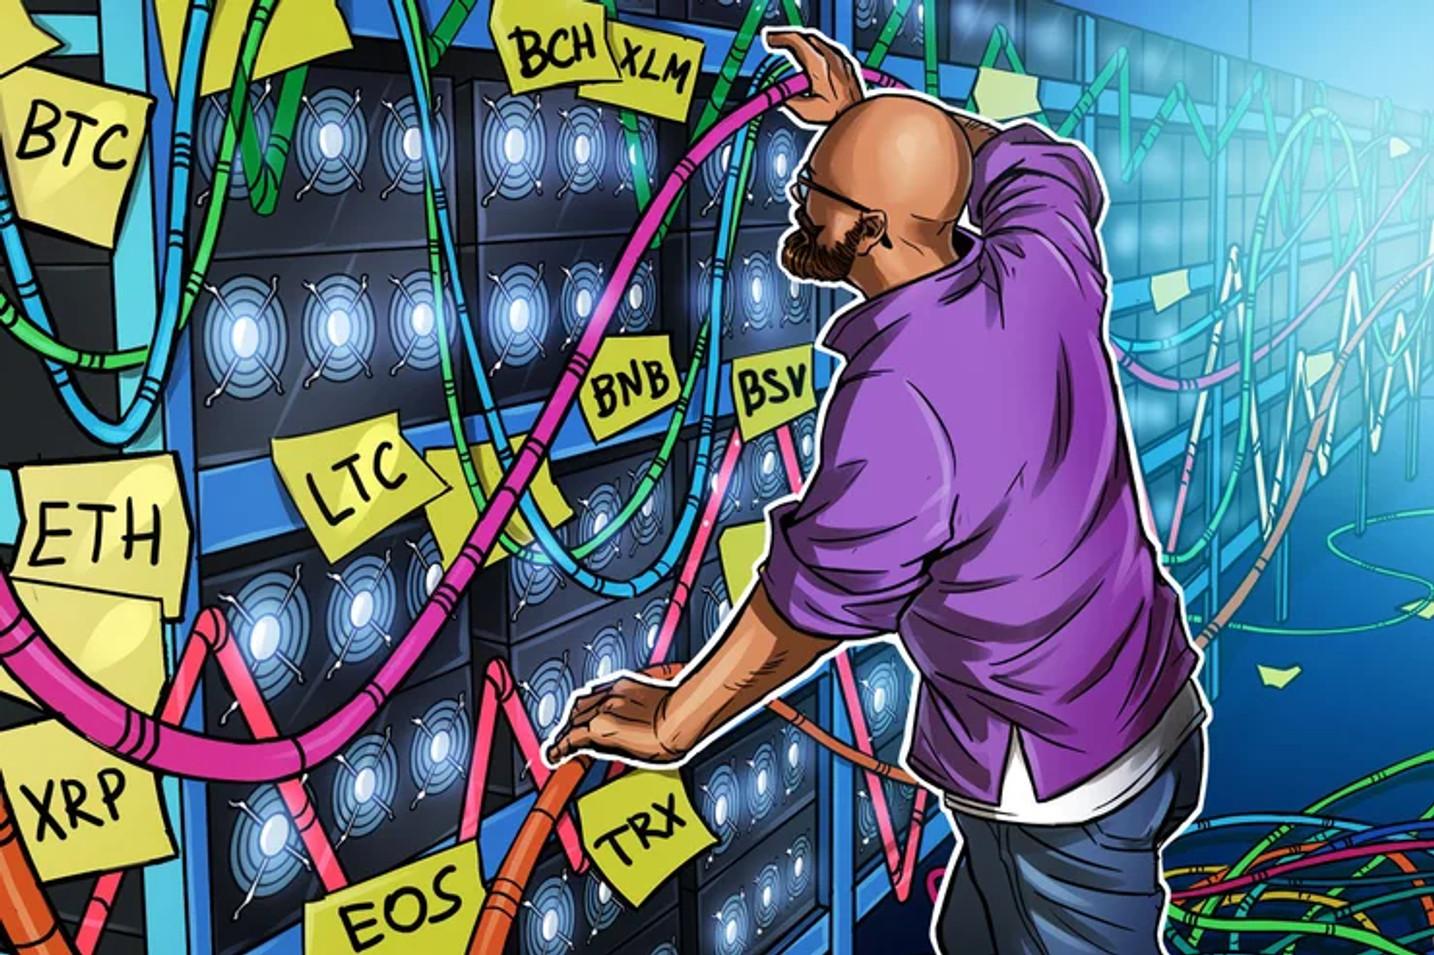 Bitcoin, Ethereum, Ripple, Bitcoin Cash, Litecoin, EOS, Binance Coin, Bitcoin SV, Stellar, Tron: Análise de preços, 03 de junho